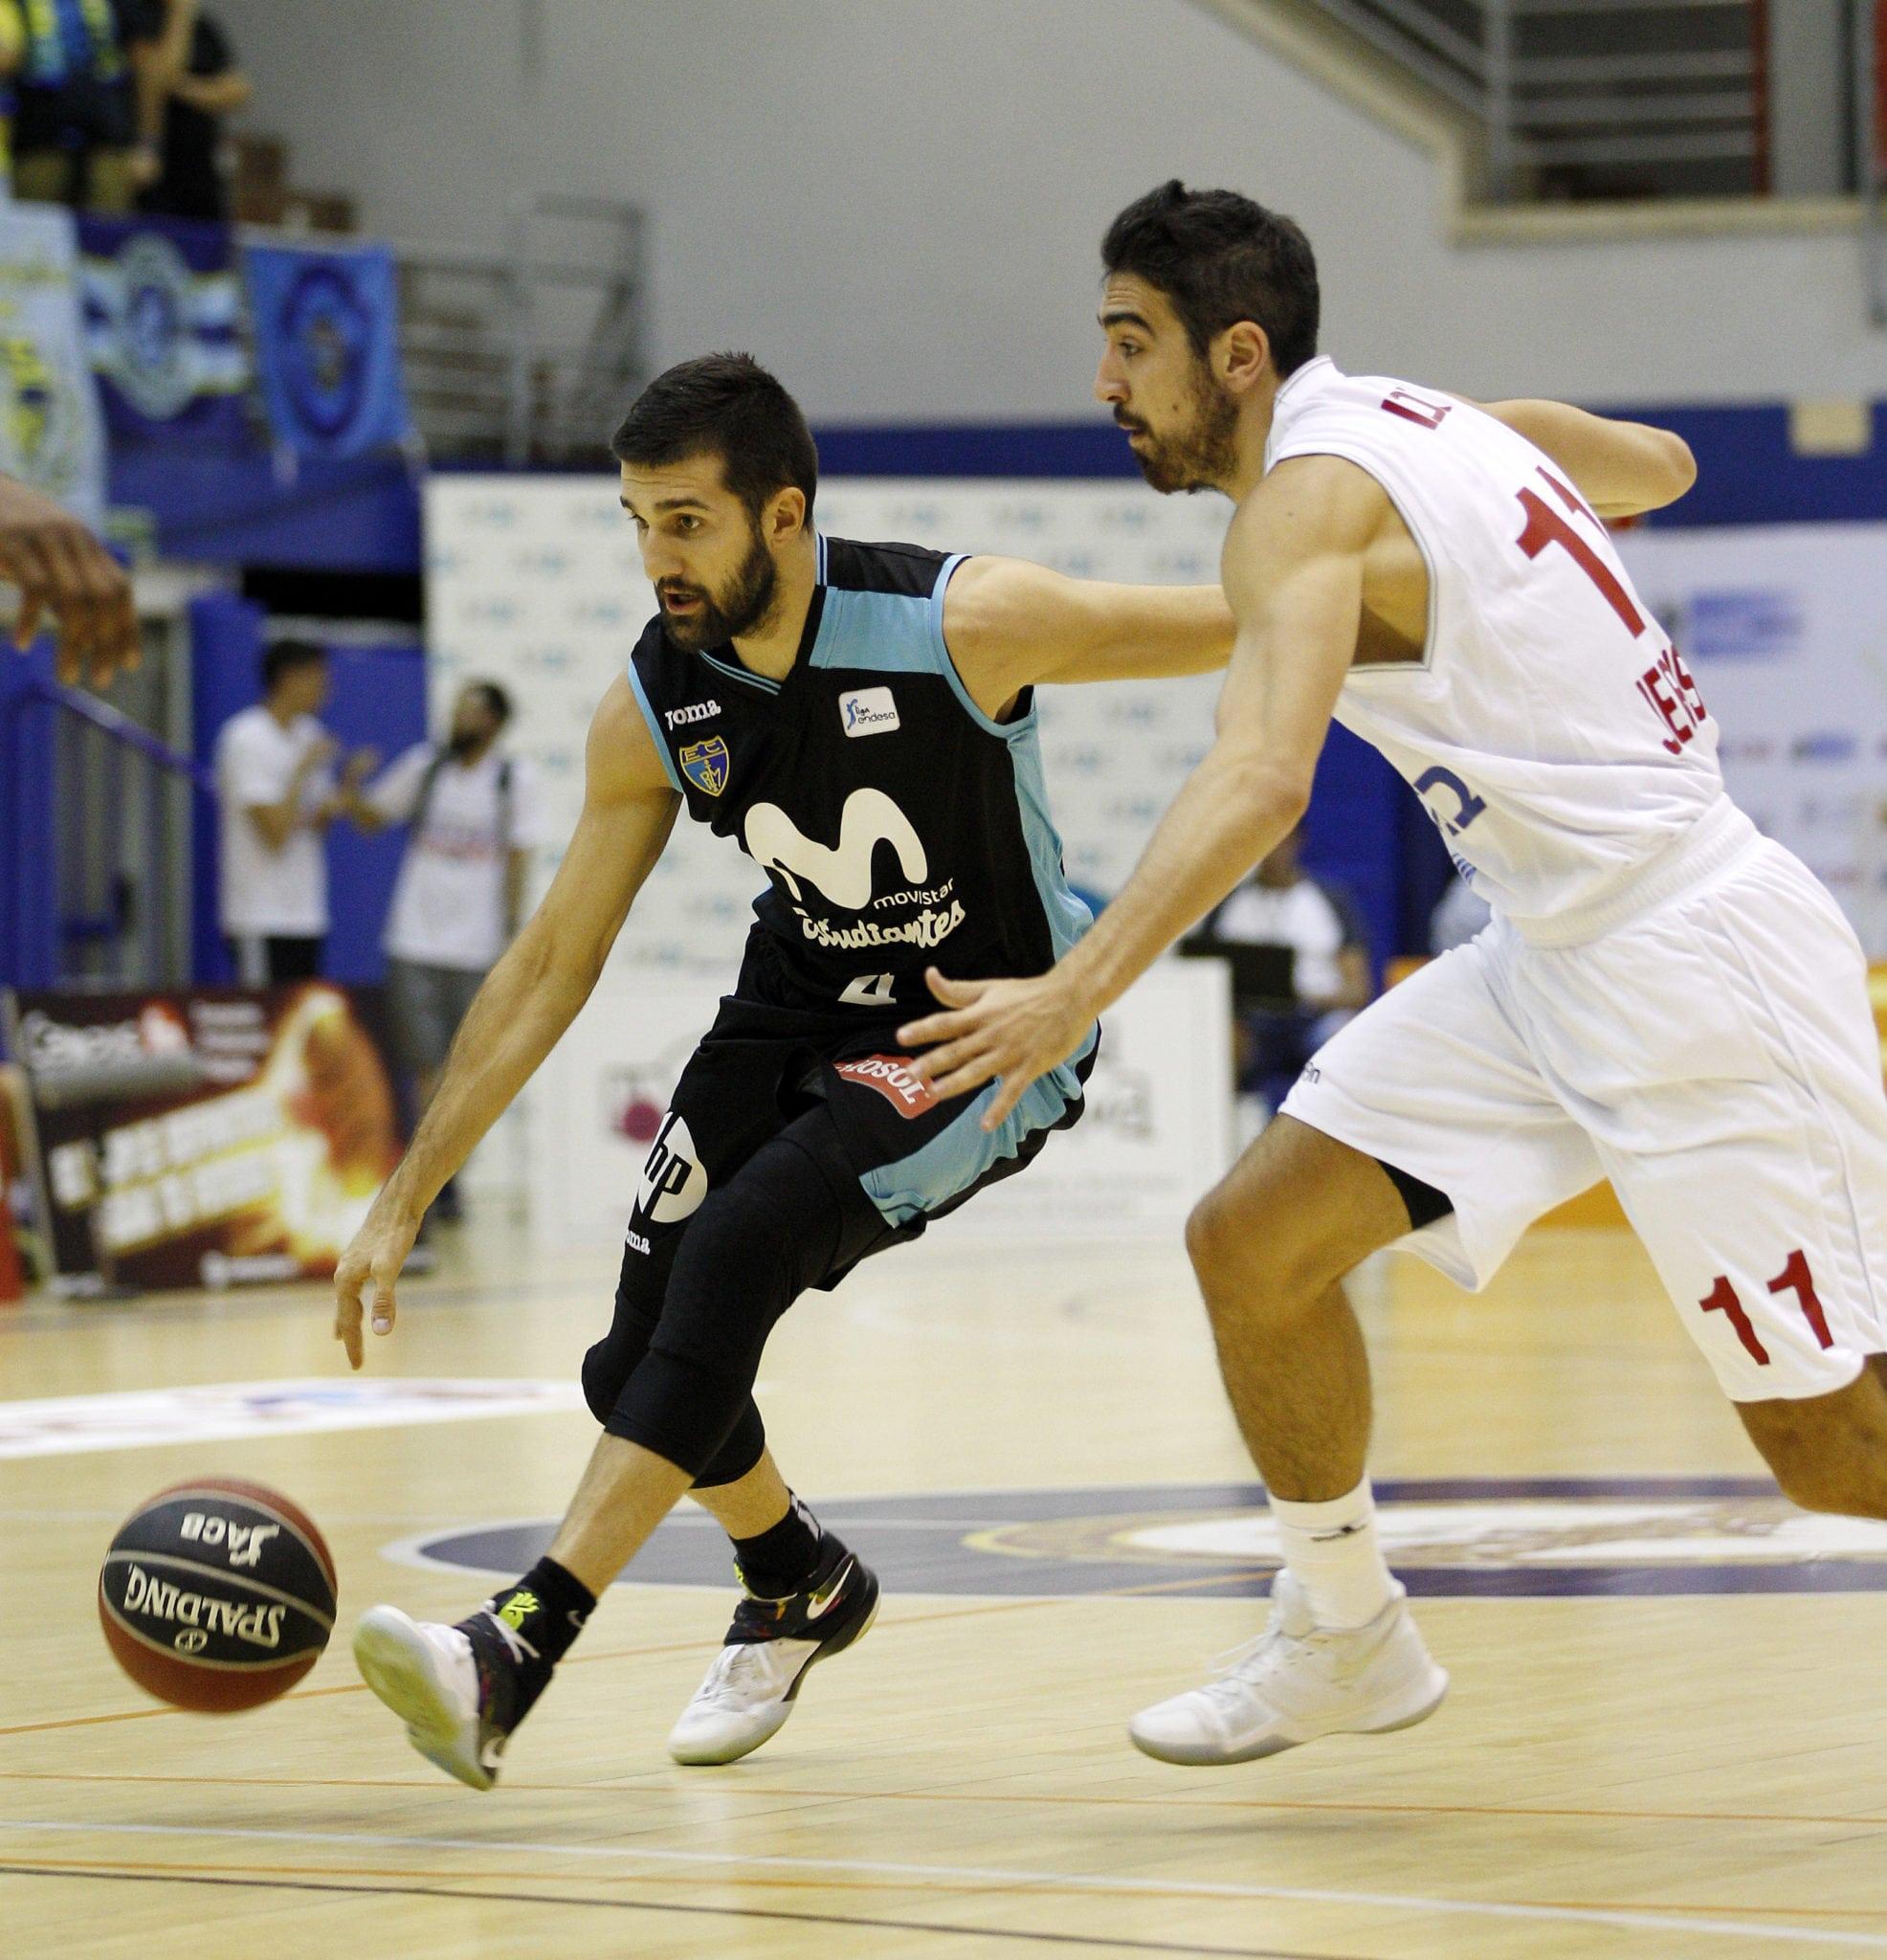 """El equipo resta importancia a la victoria ante el campeón israelí: """"es solo pretemporada"""""""